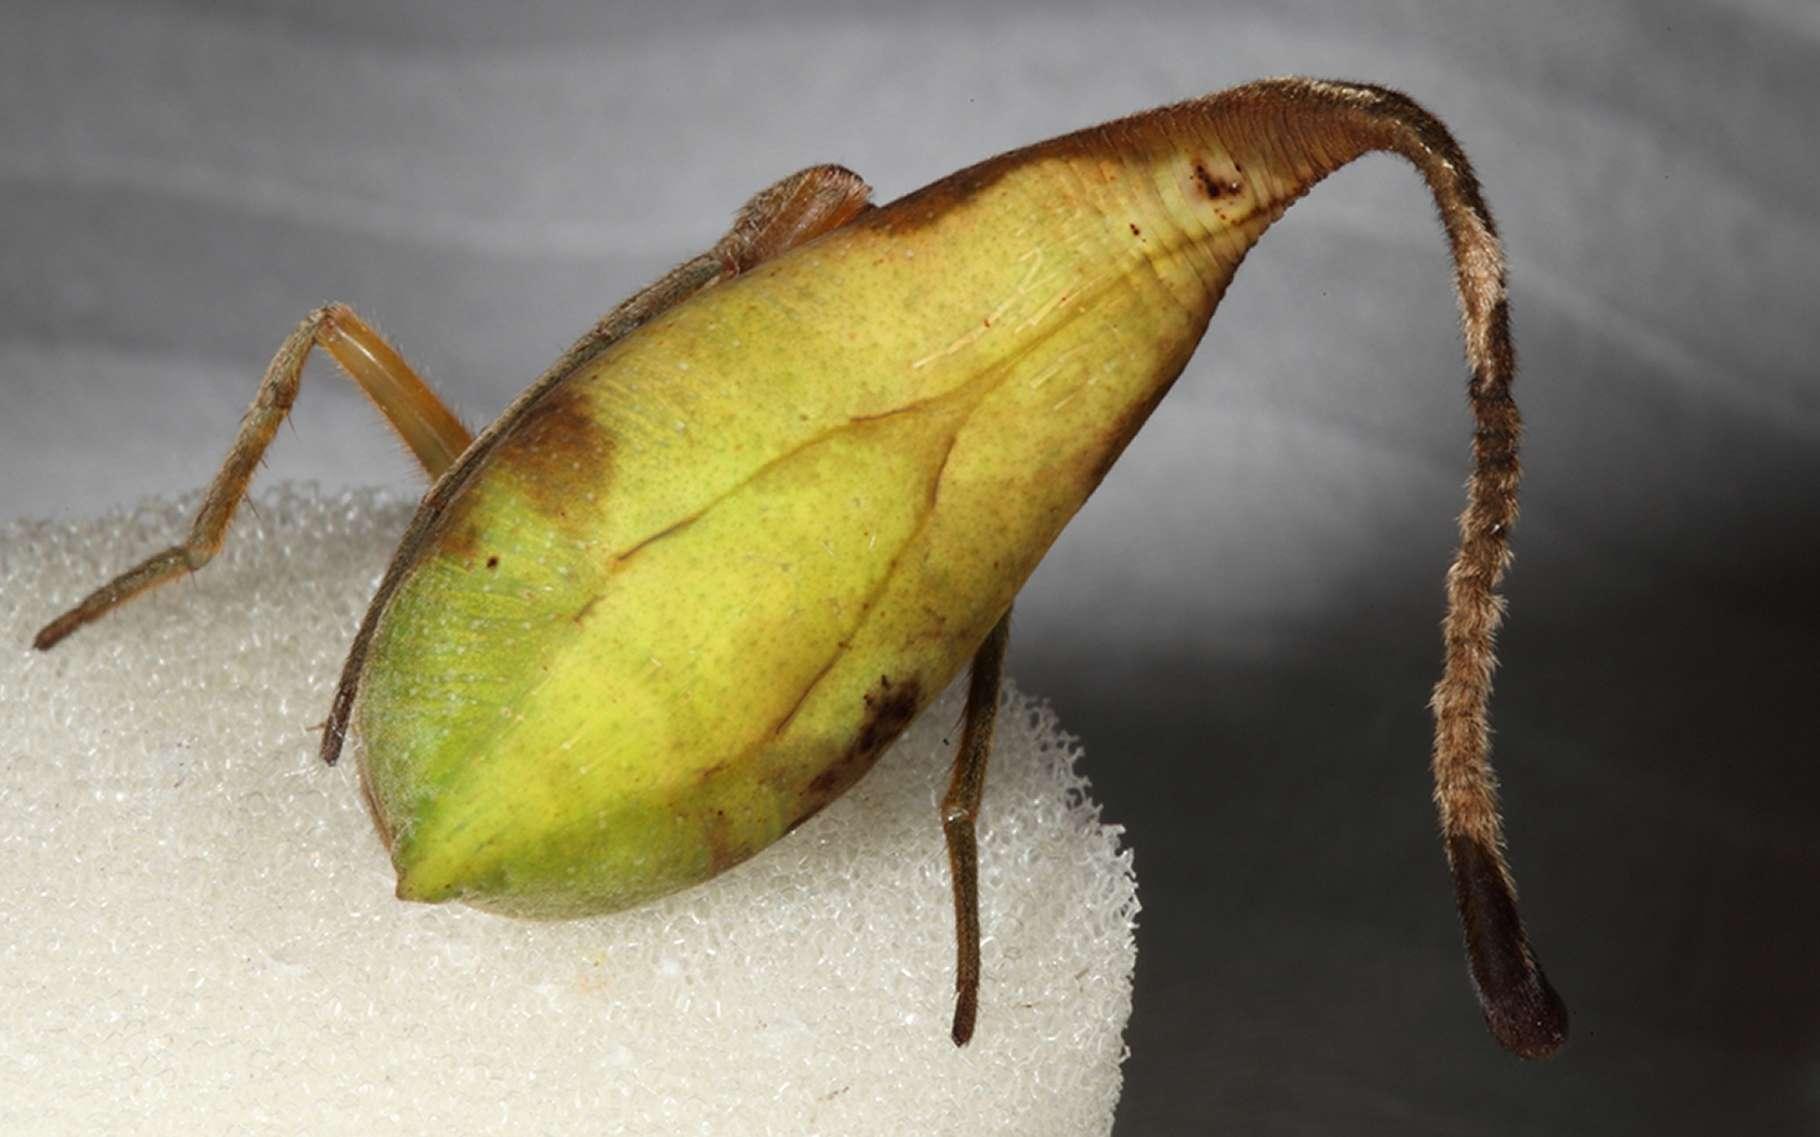 Un beau spécimen de cette araignée du genre Poltys, et d'espèce inconnue. On voit ici sa face ventrale, d'un vert tendre. L'arrière de l'animal est à droite, l'abdomen se prolongeant d'un filament de forme semblable à celle du pétiole, la « jambe » d'une feuille. © Matjaz Kuntner